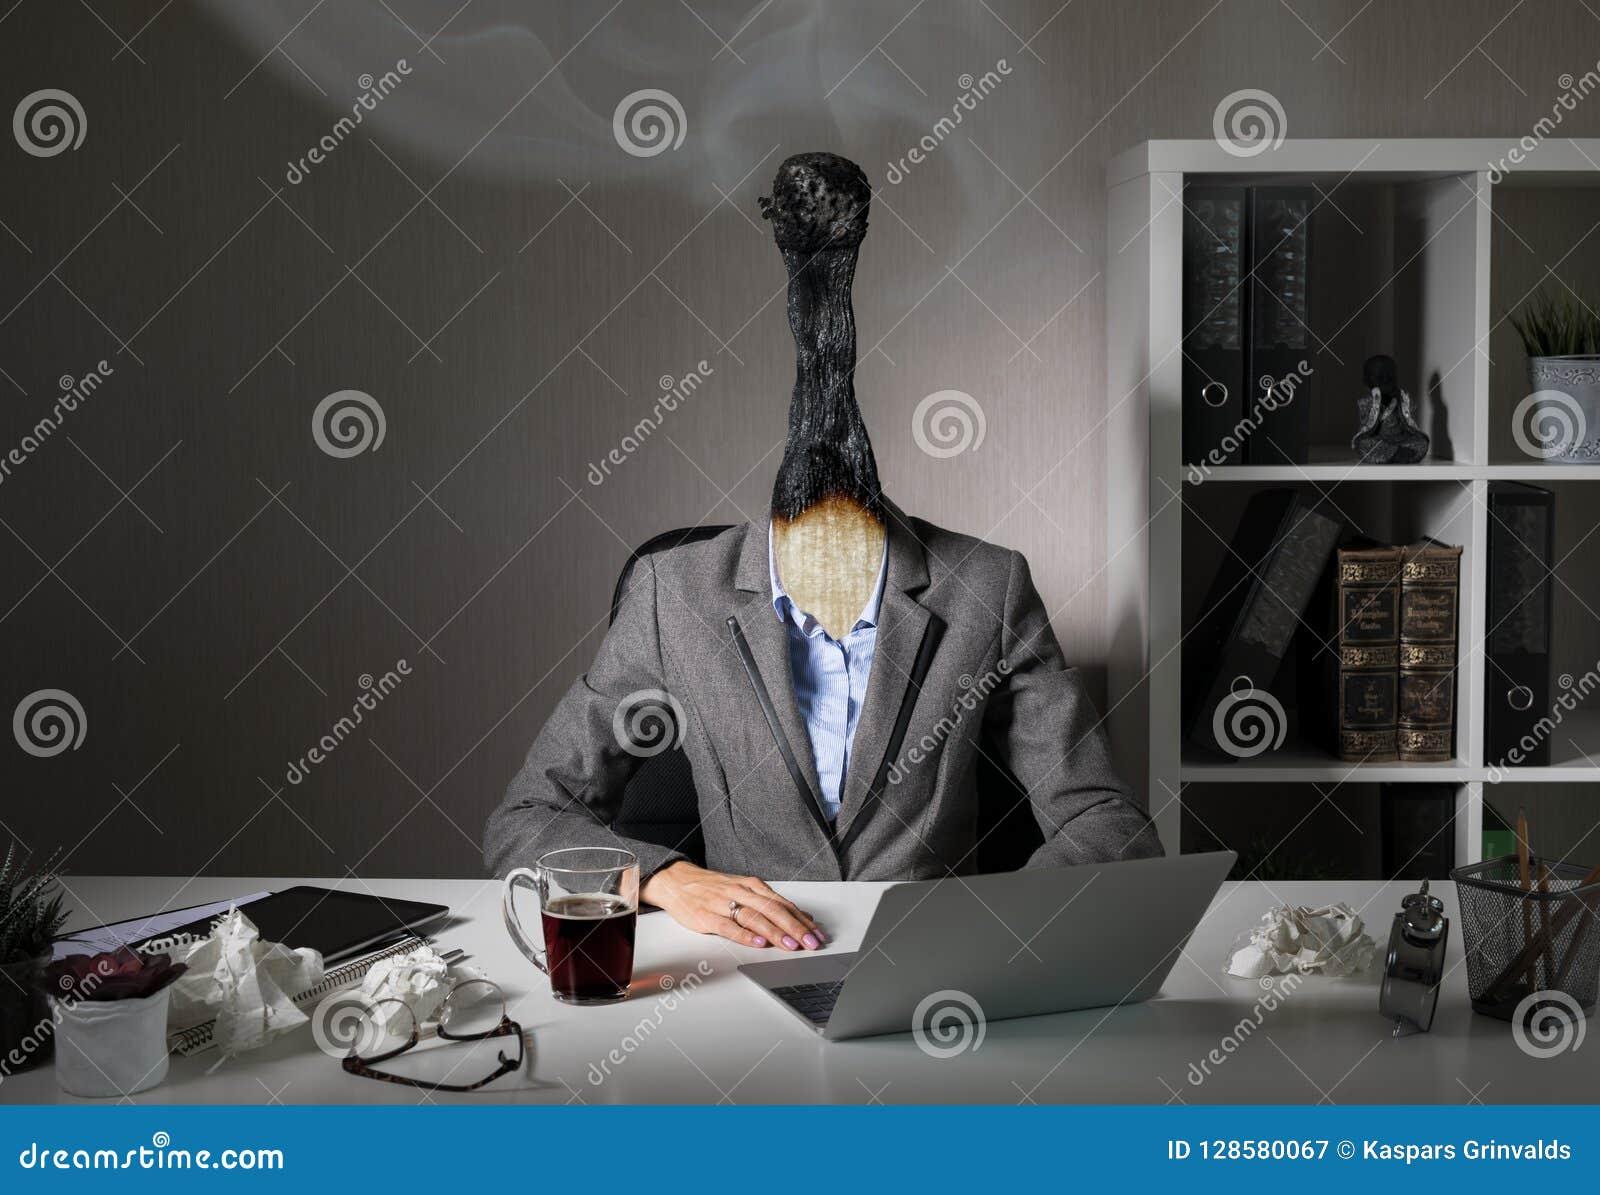 Begreppsmässigt foto som illustrerar sammanbrottsyndrom på arbete